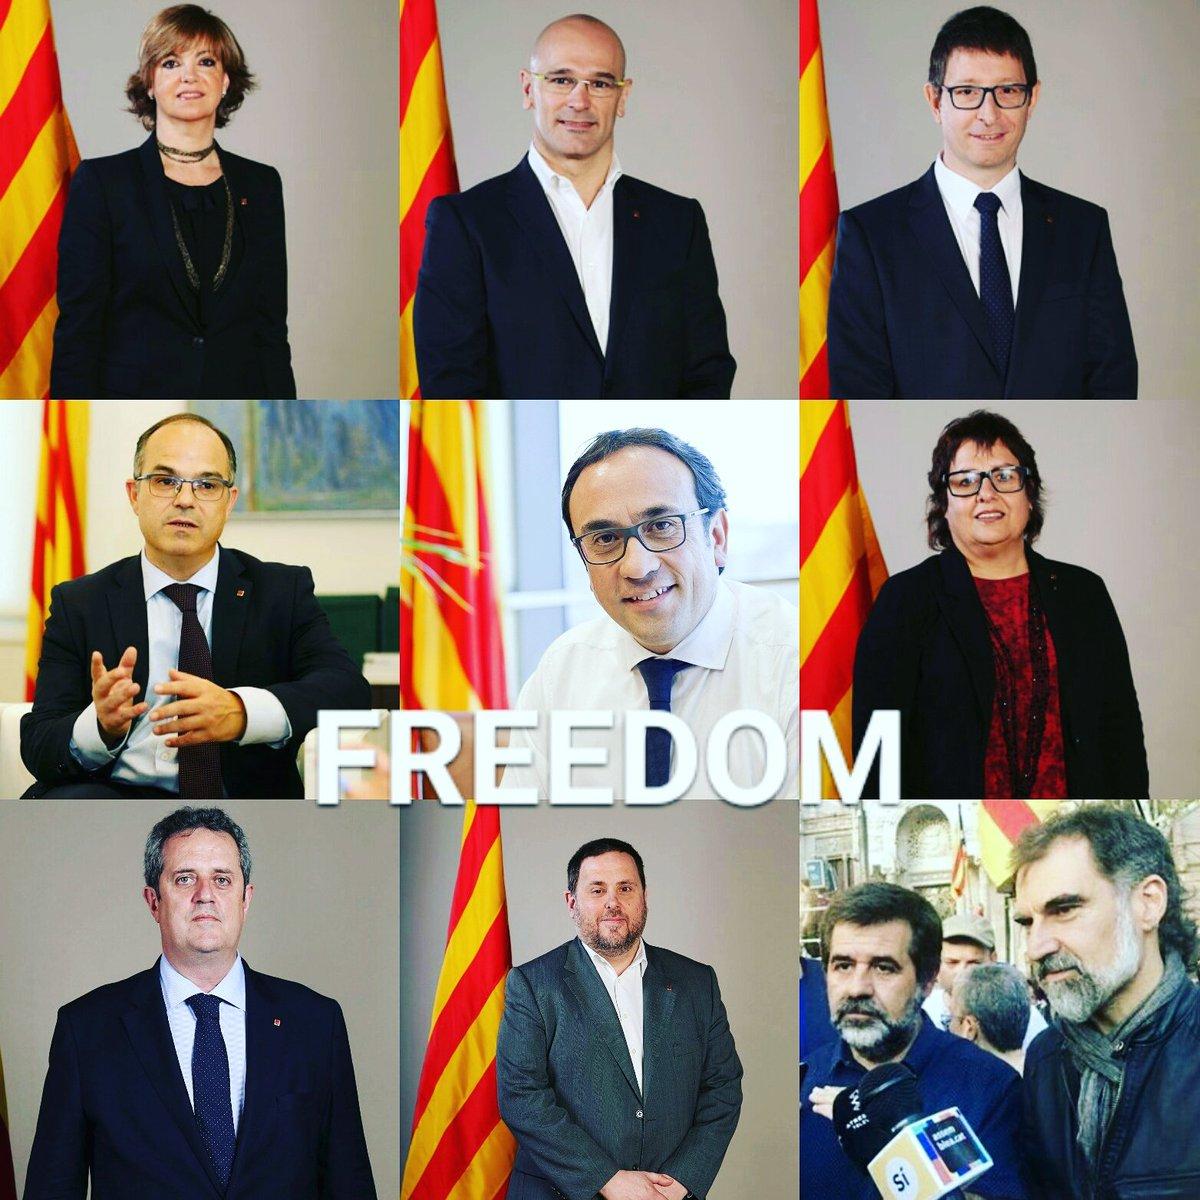 Llibertat als presos polítics